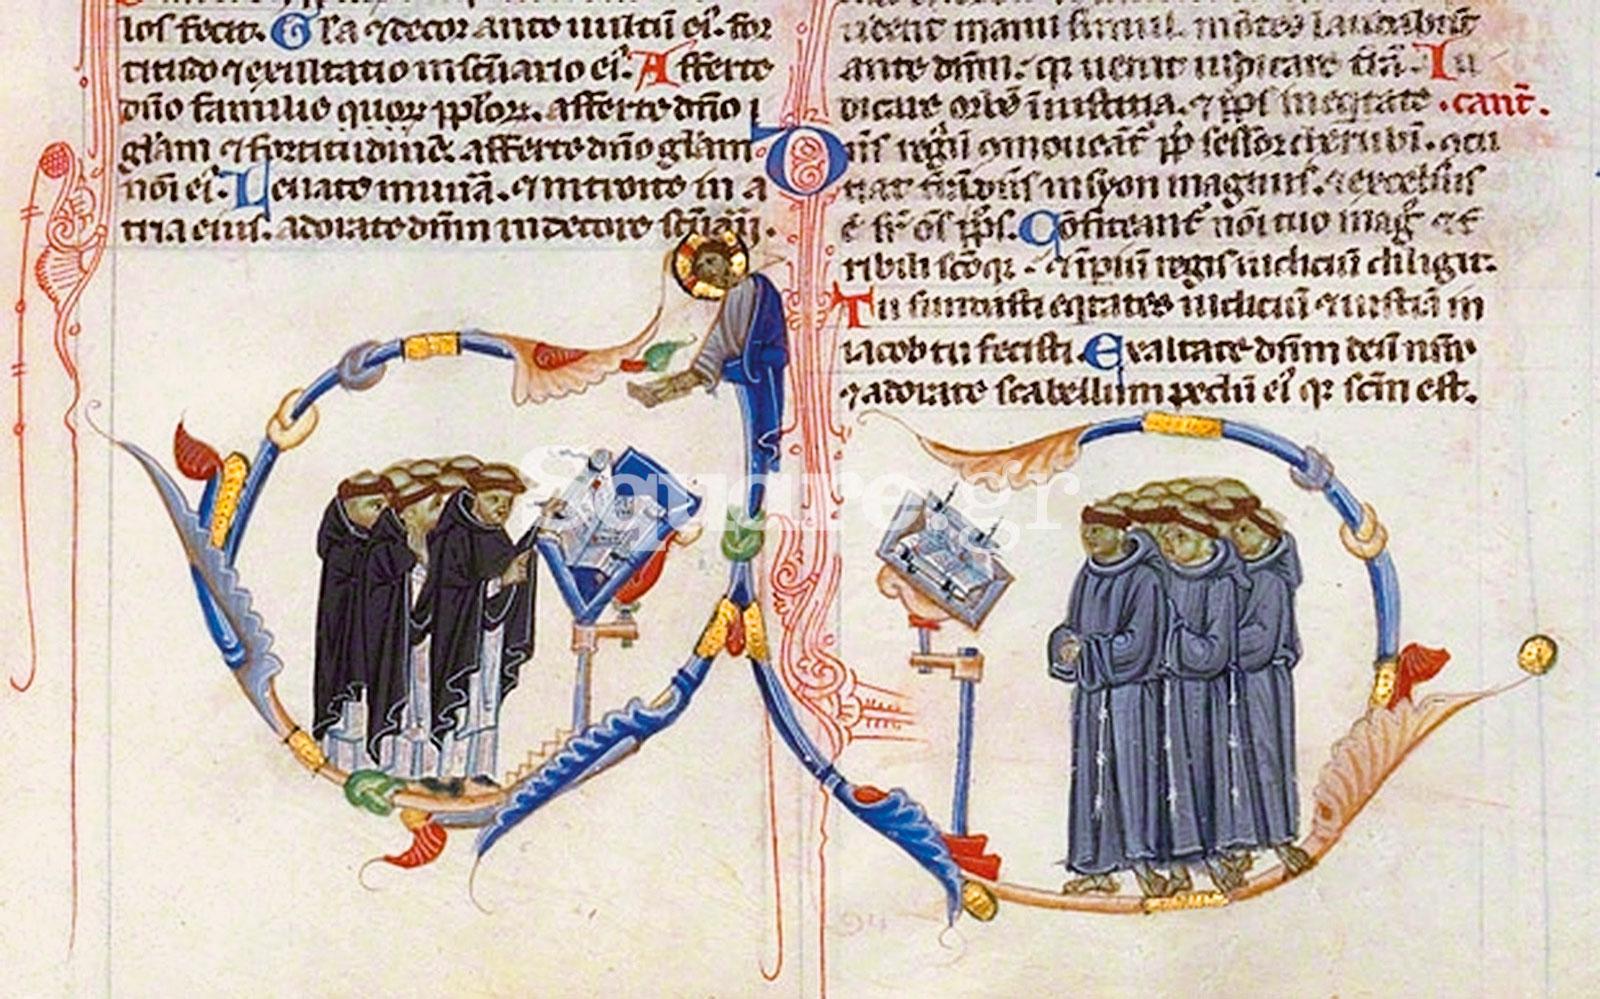 6-μοναχοί-του-Τάγματος-των-Δομινικανών-και-δεξιά-Φραγκισκανοί-μοναχοί